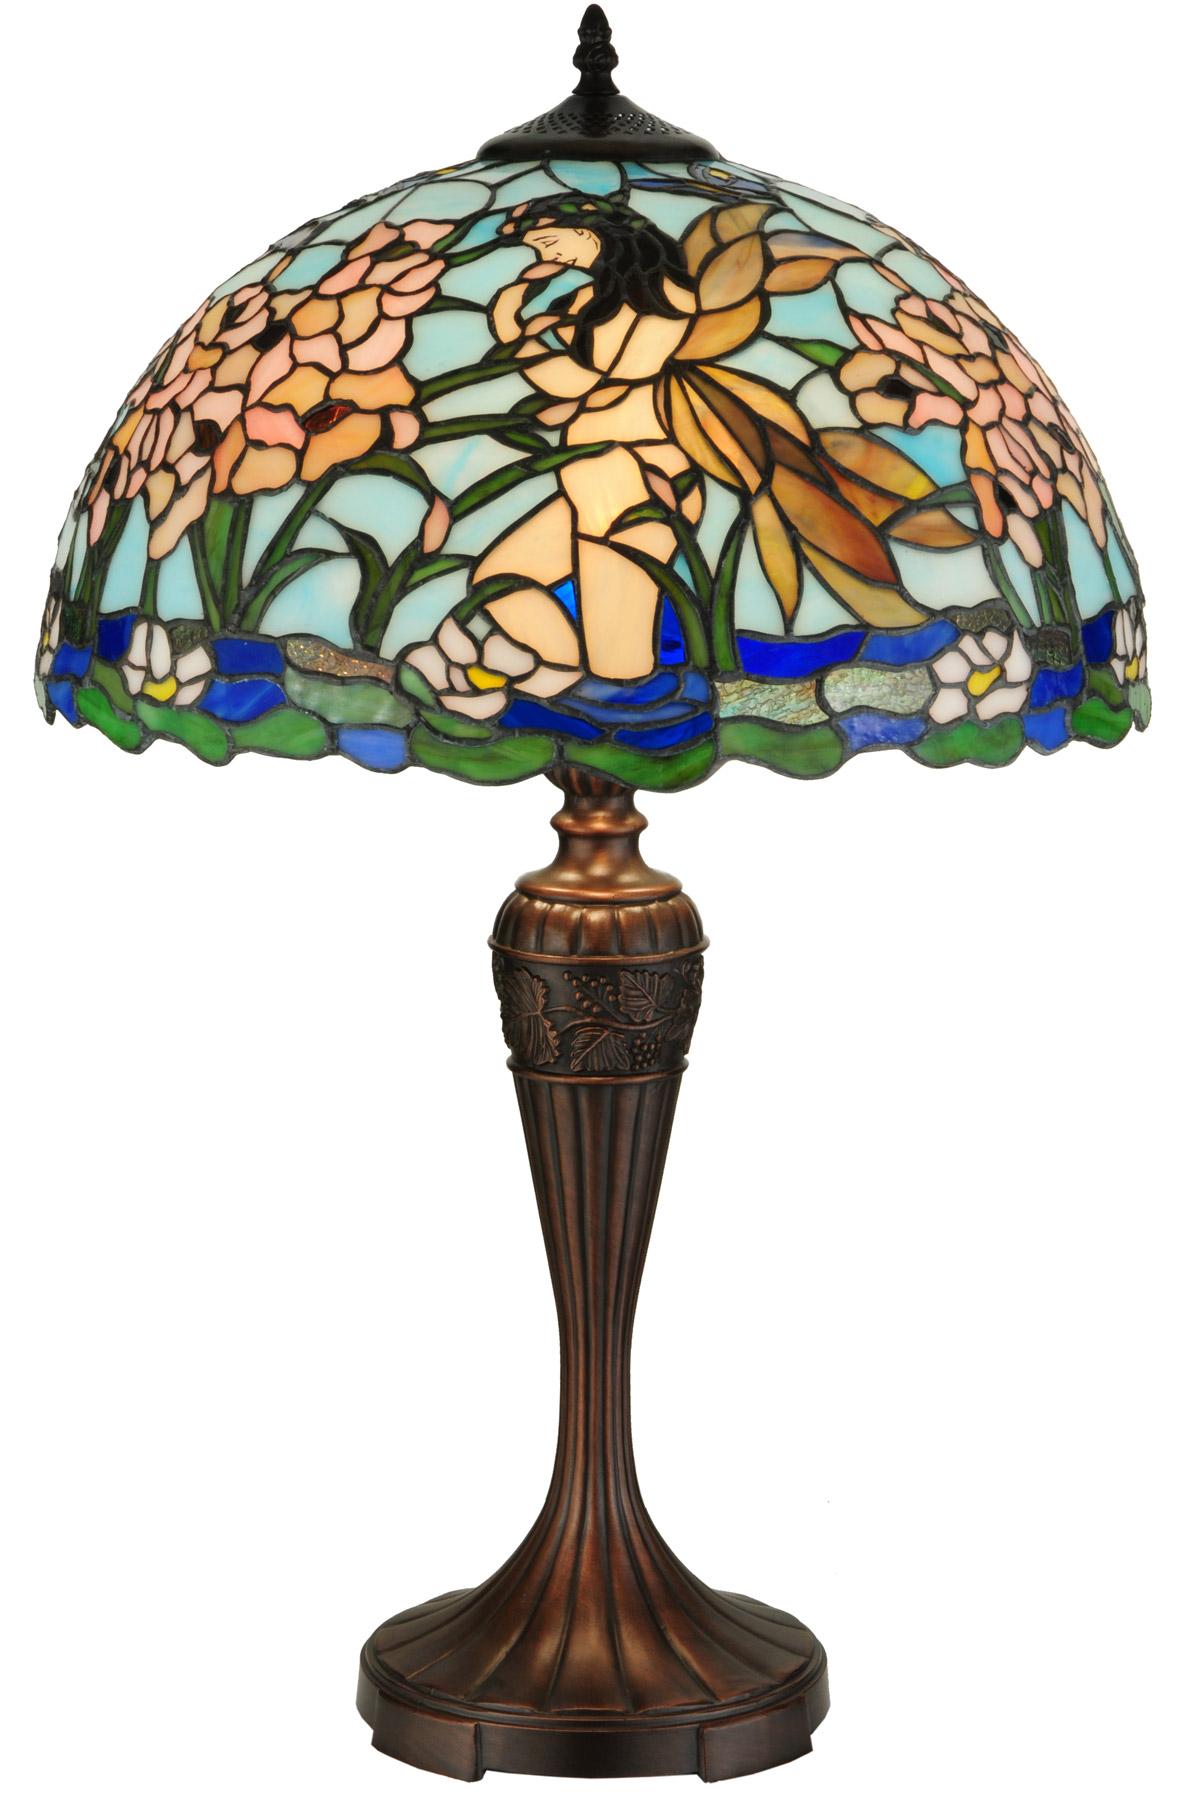 Meyda 140006 Fairy Pond Table Lamp